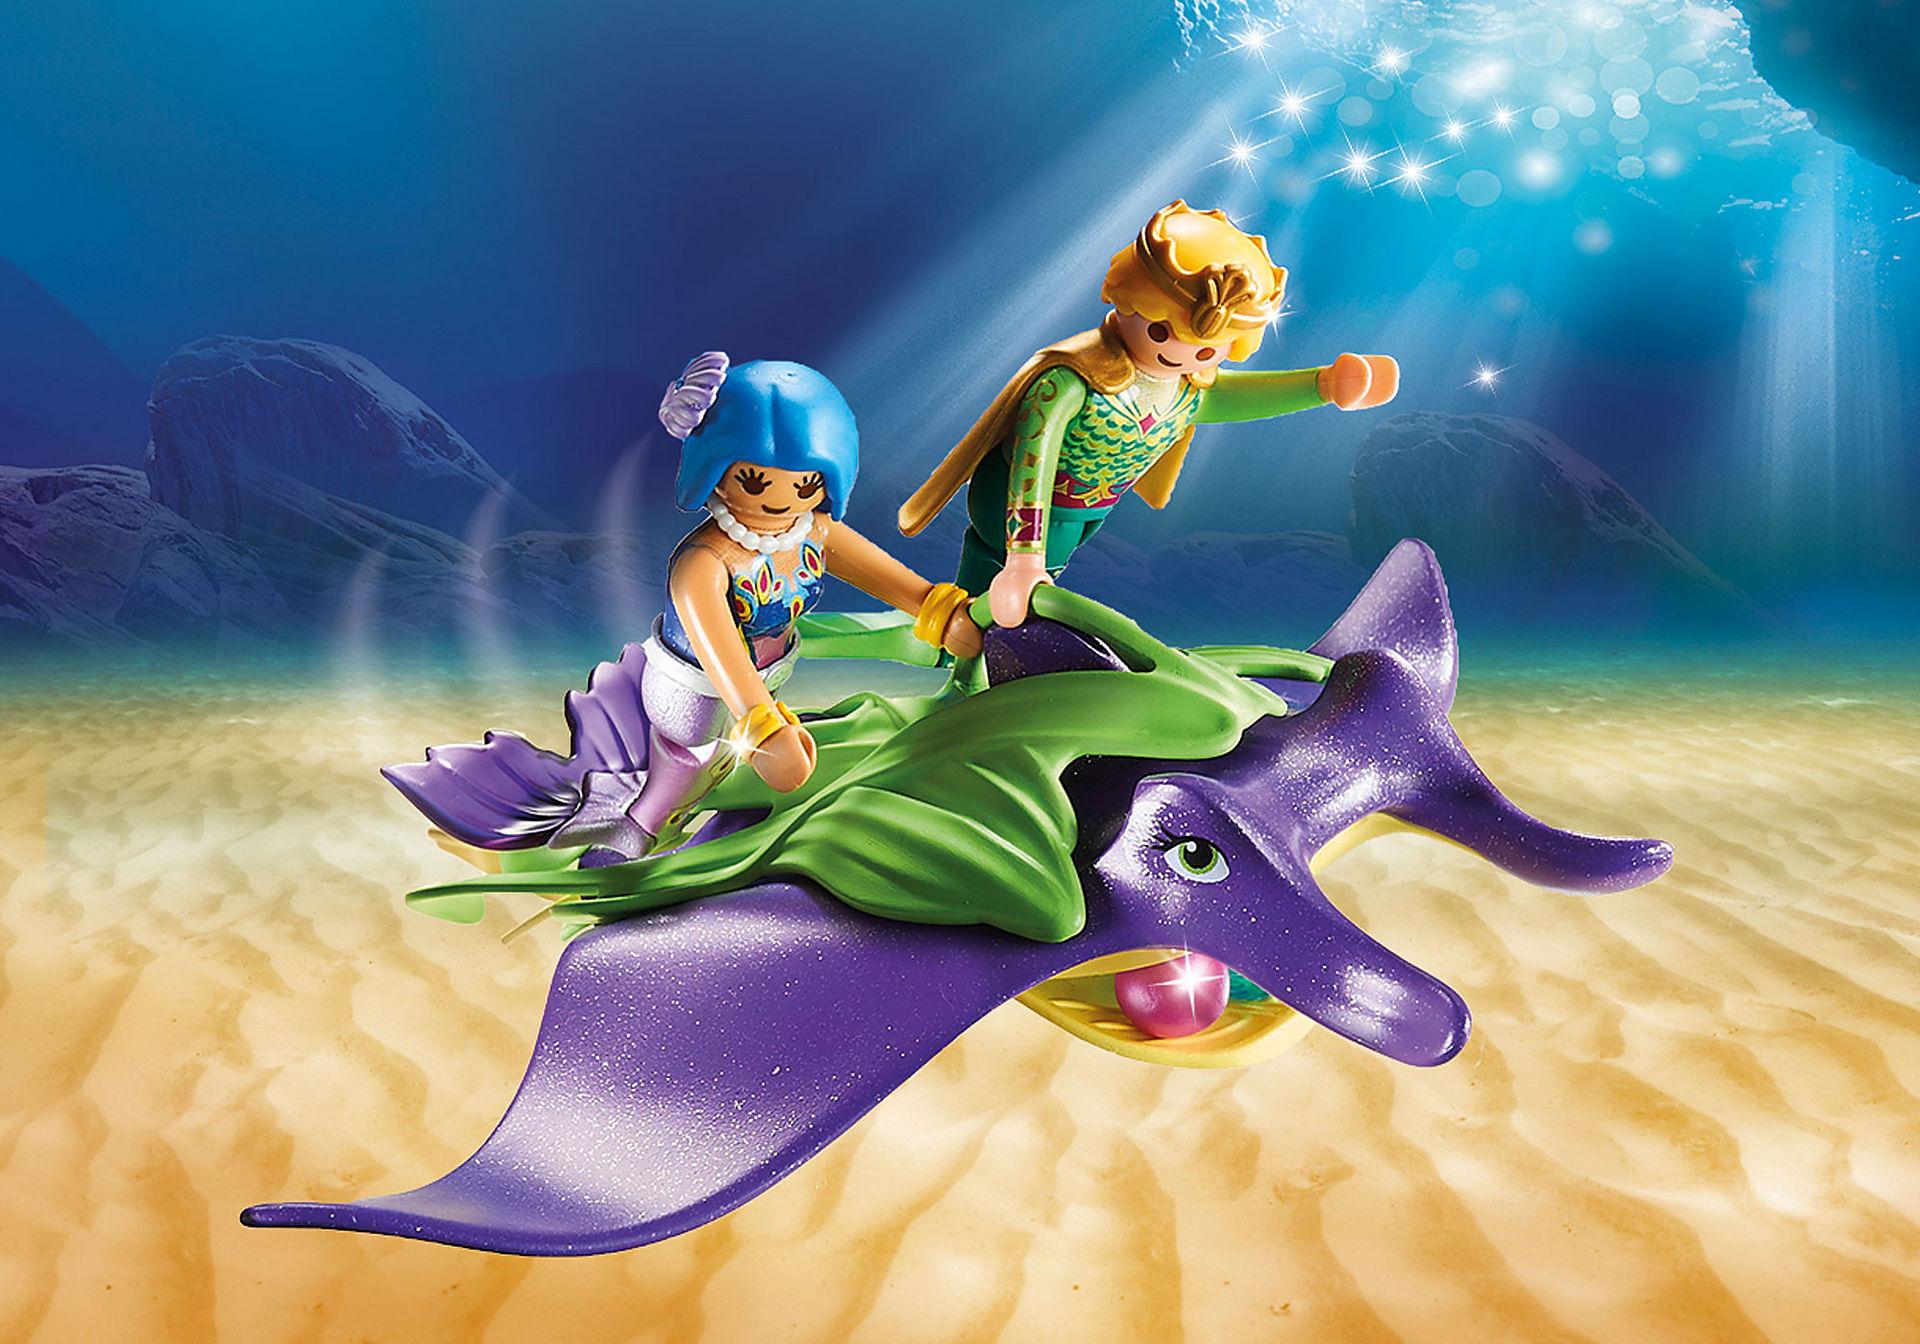 http://media.playmobil.com/i/playmobil/70099_product_extra1/Pärlsamlare med Manta Ray